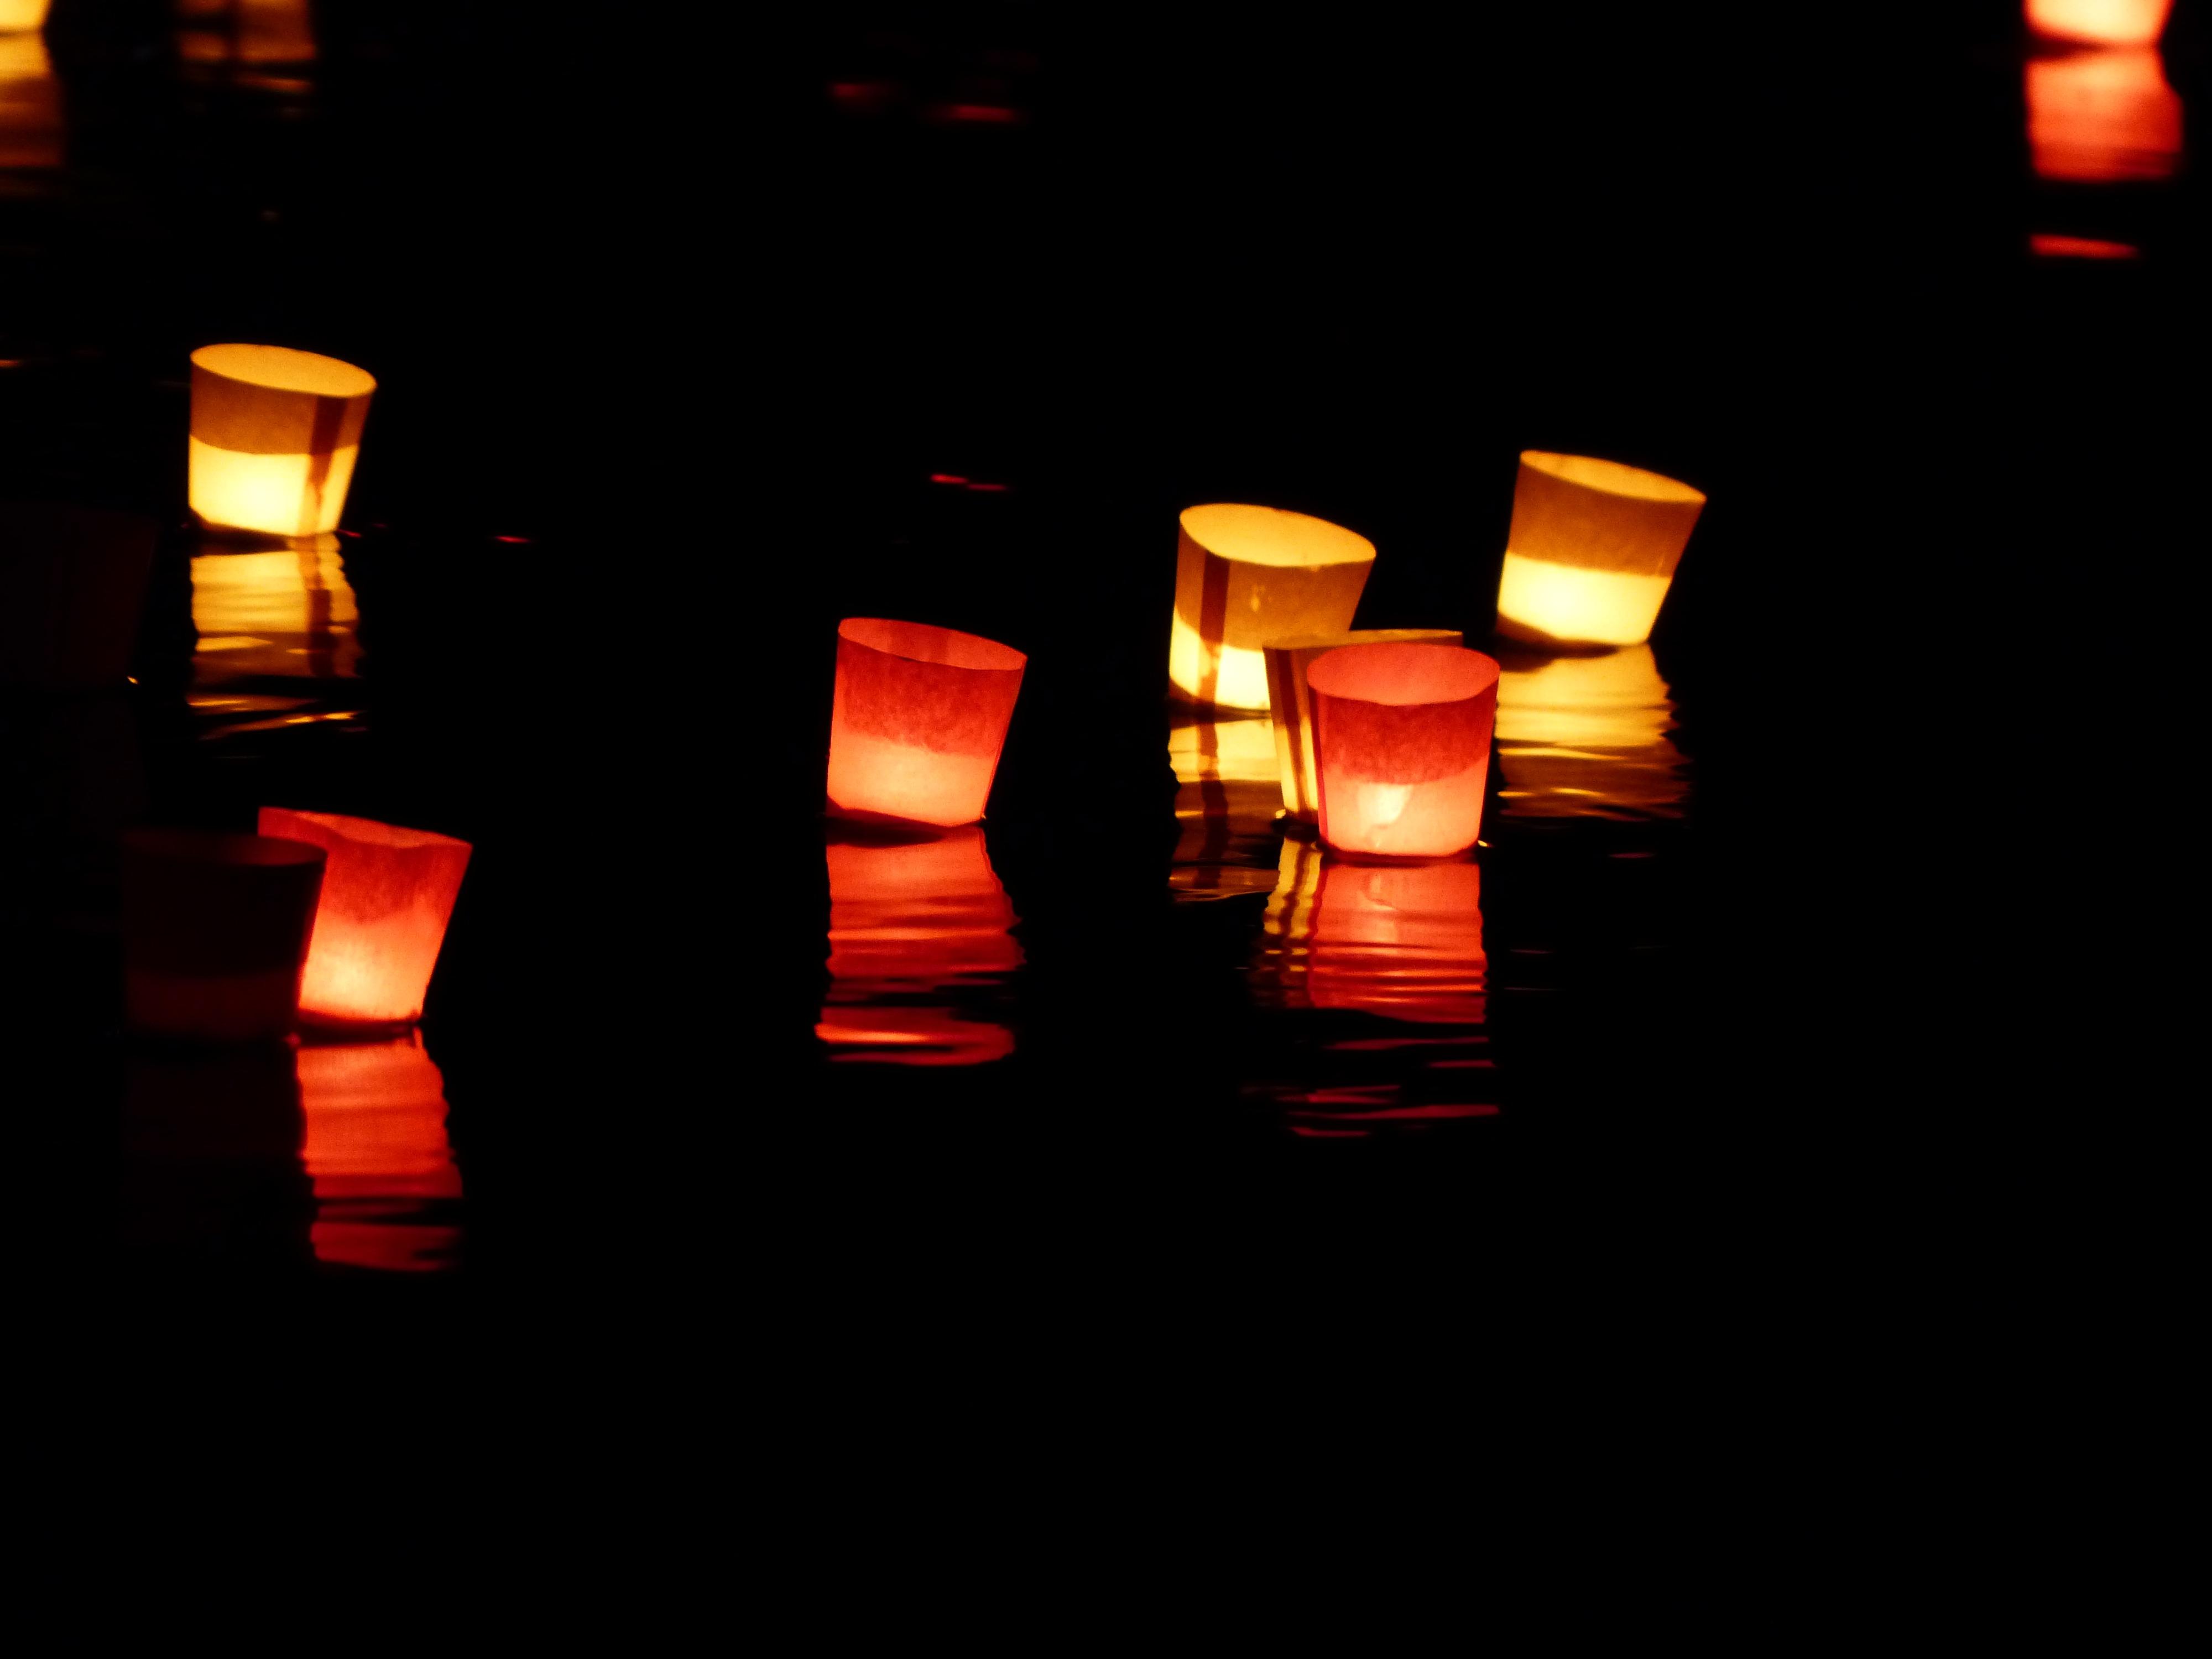 kostenlose foto wasser licht nacht atmosph re fluss schwimmen liebe abend orange. Black Bedroom Furniture Sets. Home Design Ideas